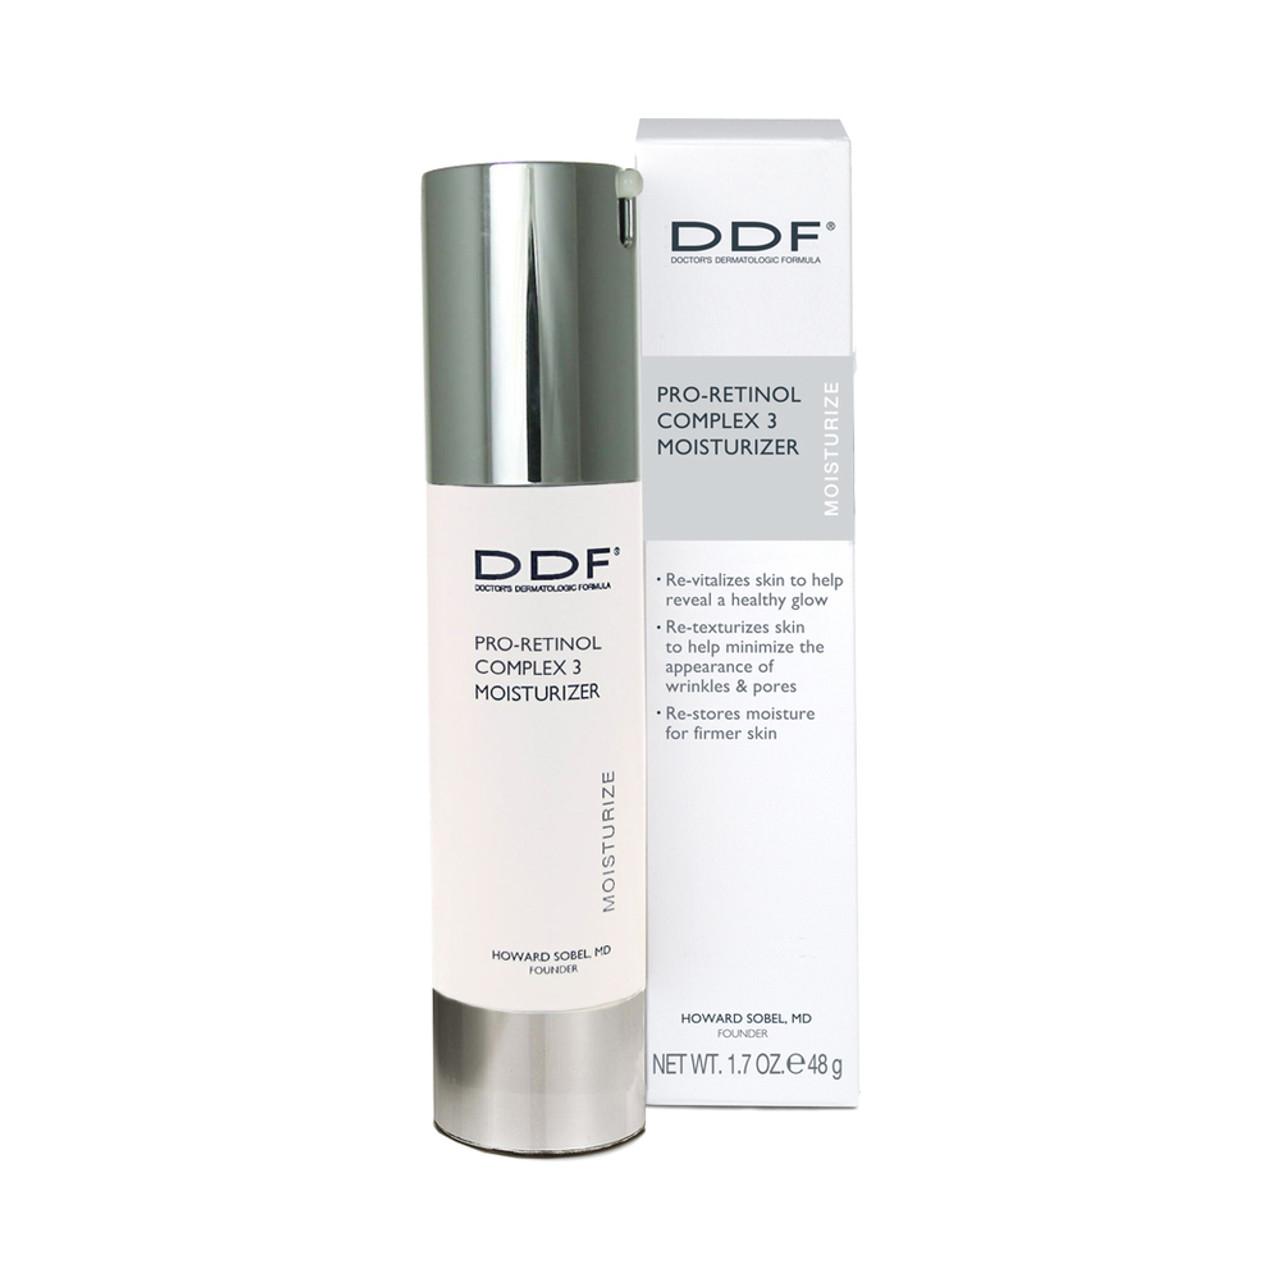 DDF Pro-Retinol Complex 3 Moisturizer